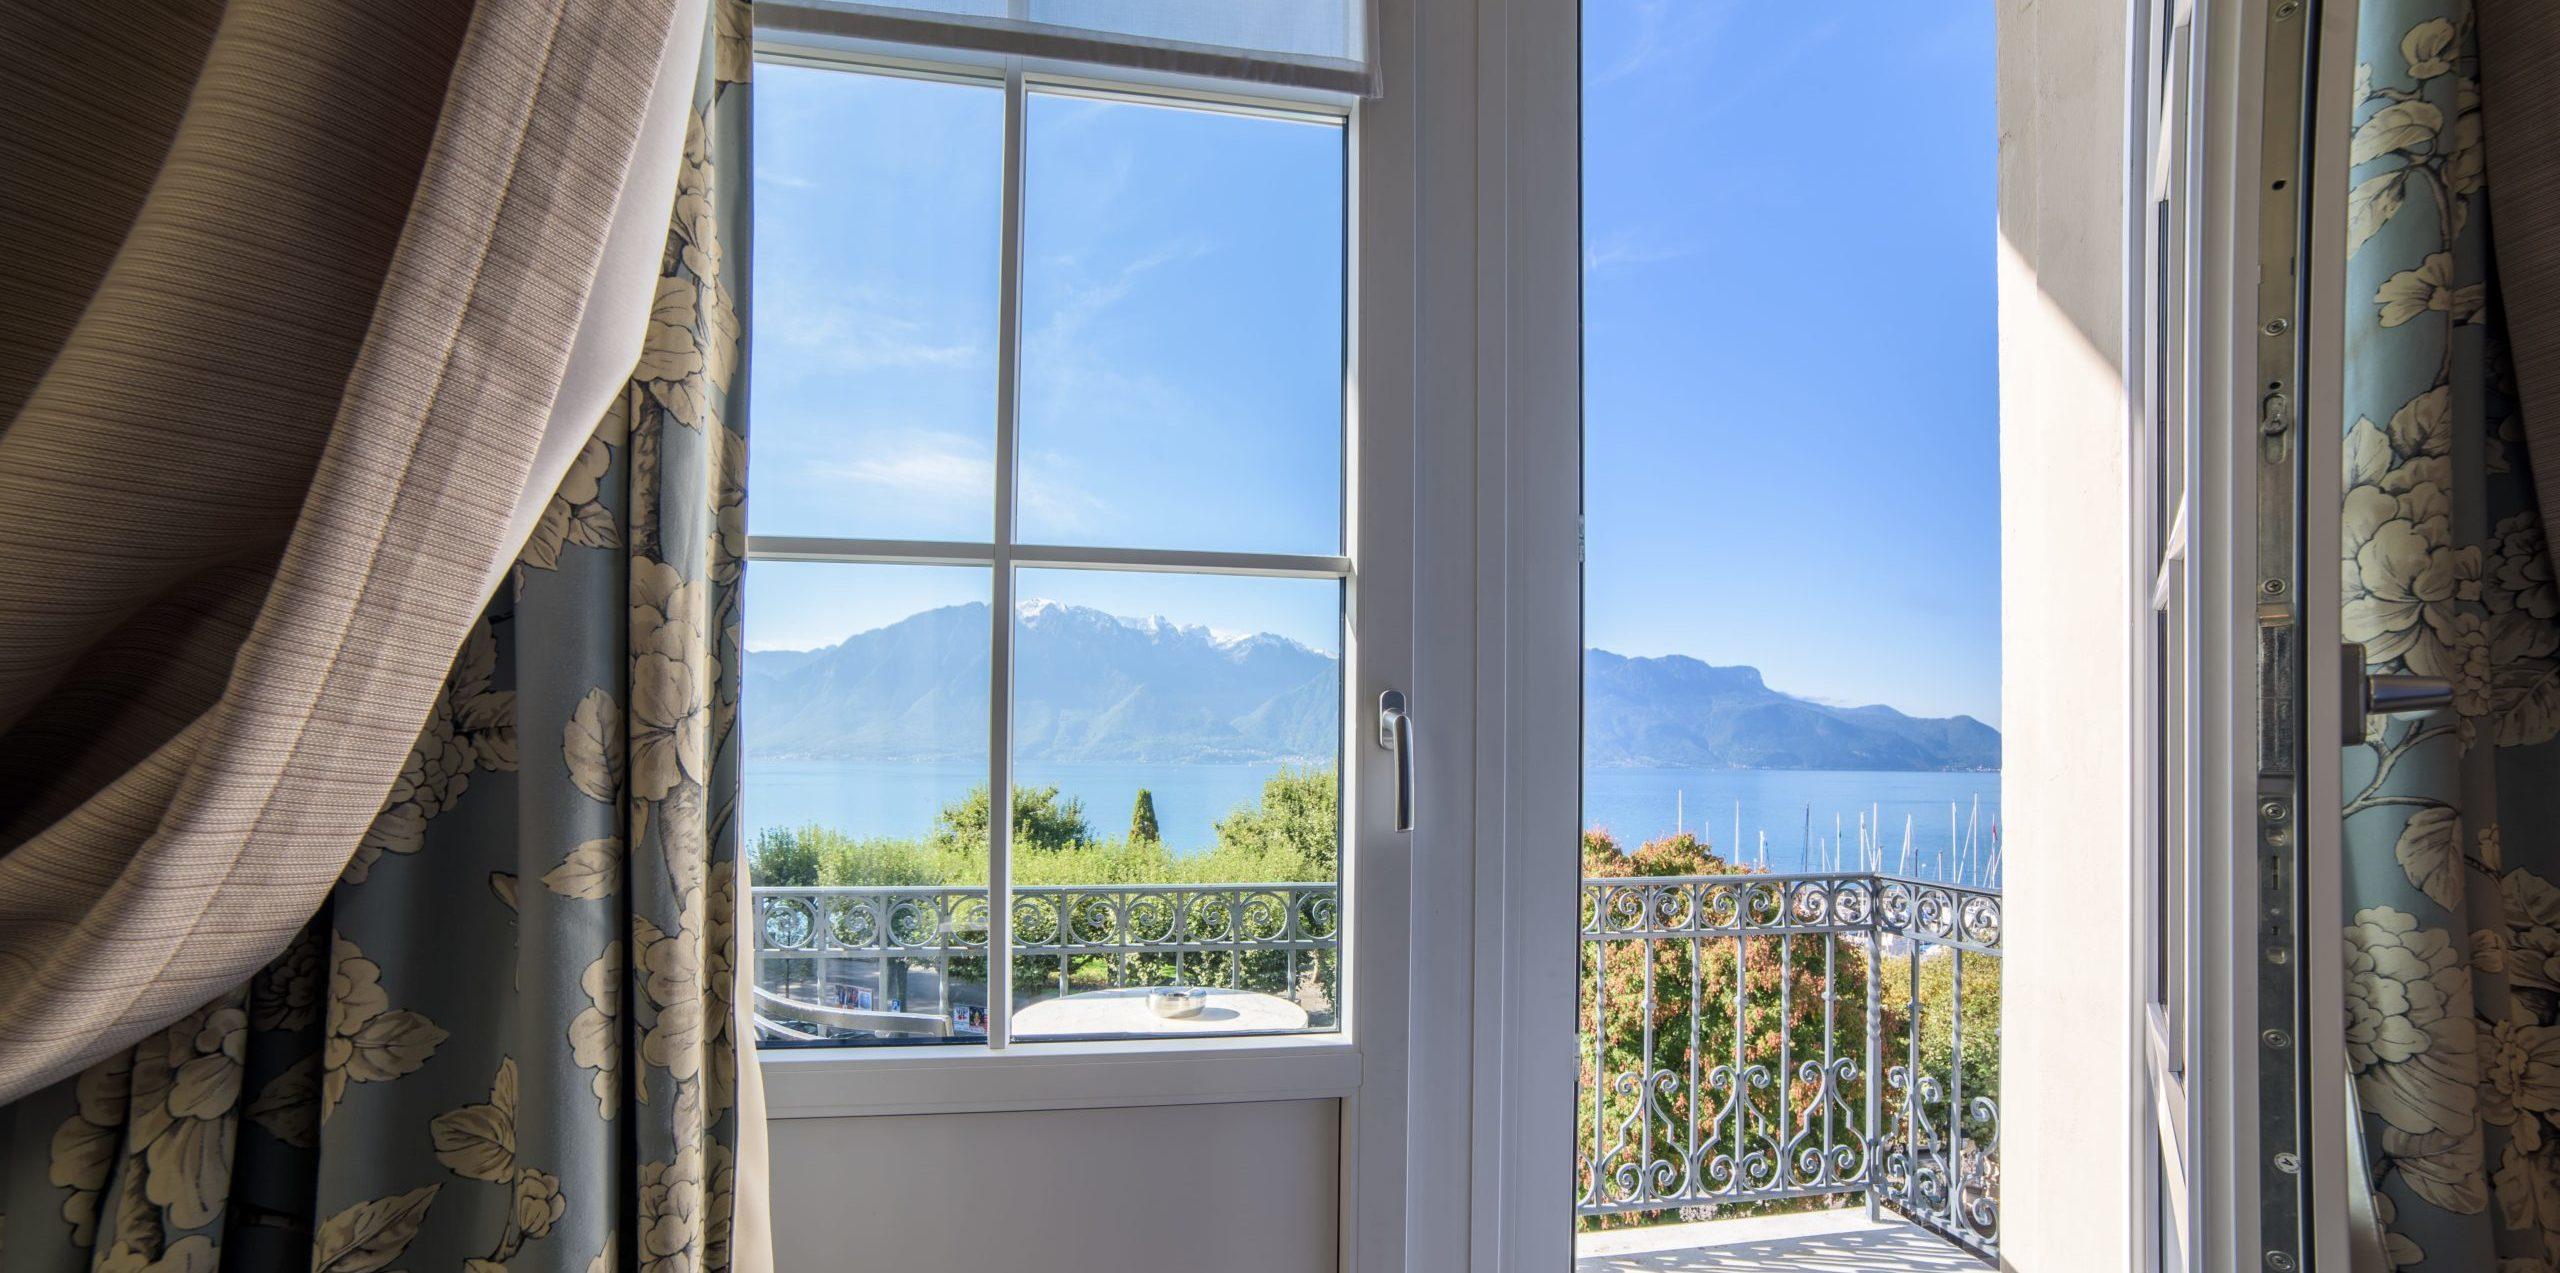 Angebote für Ihren Aufenthalt an der Schweizer Riviera